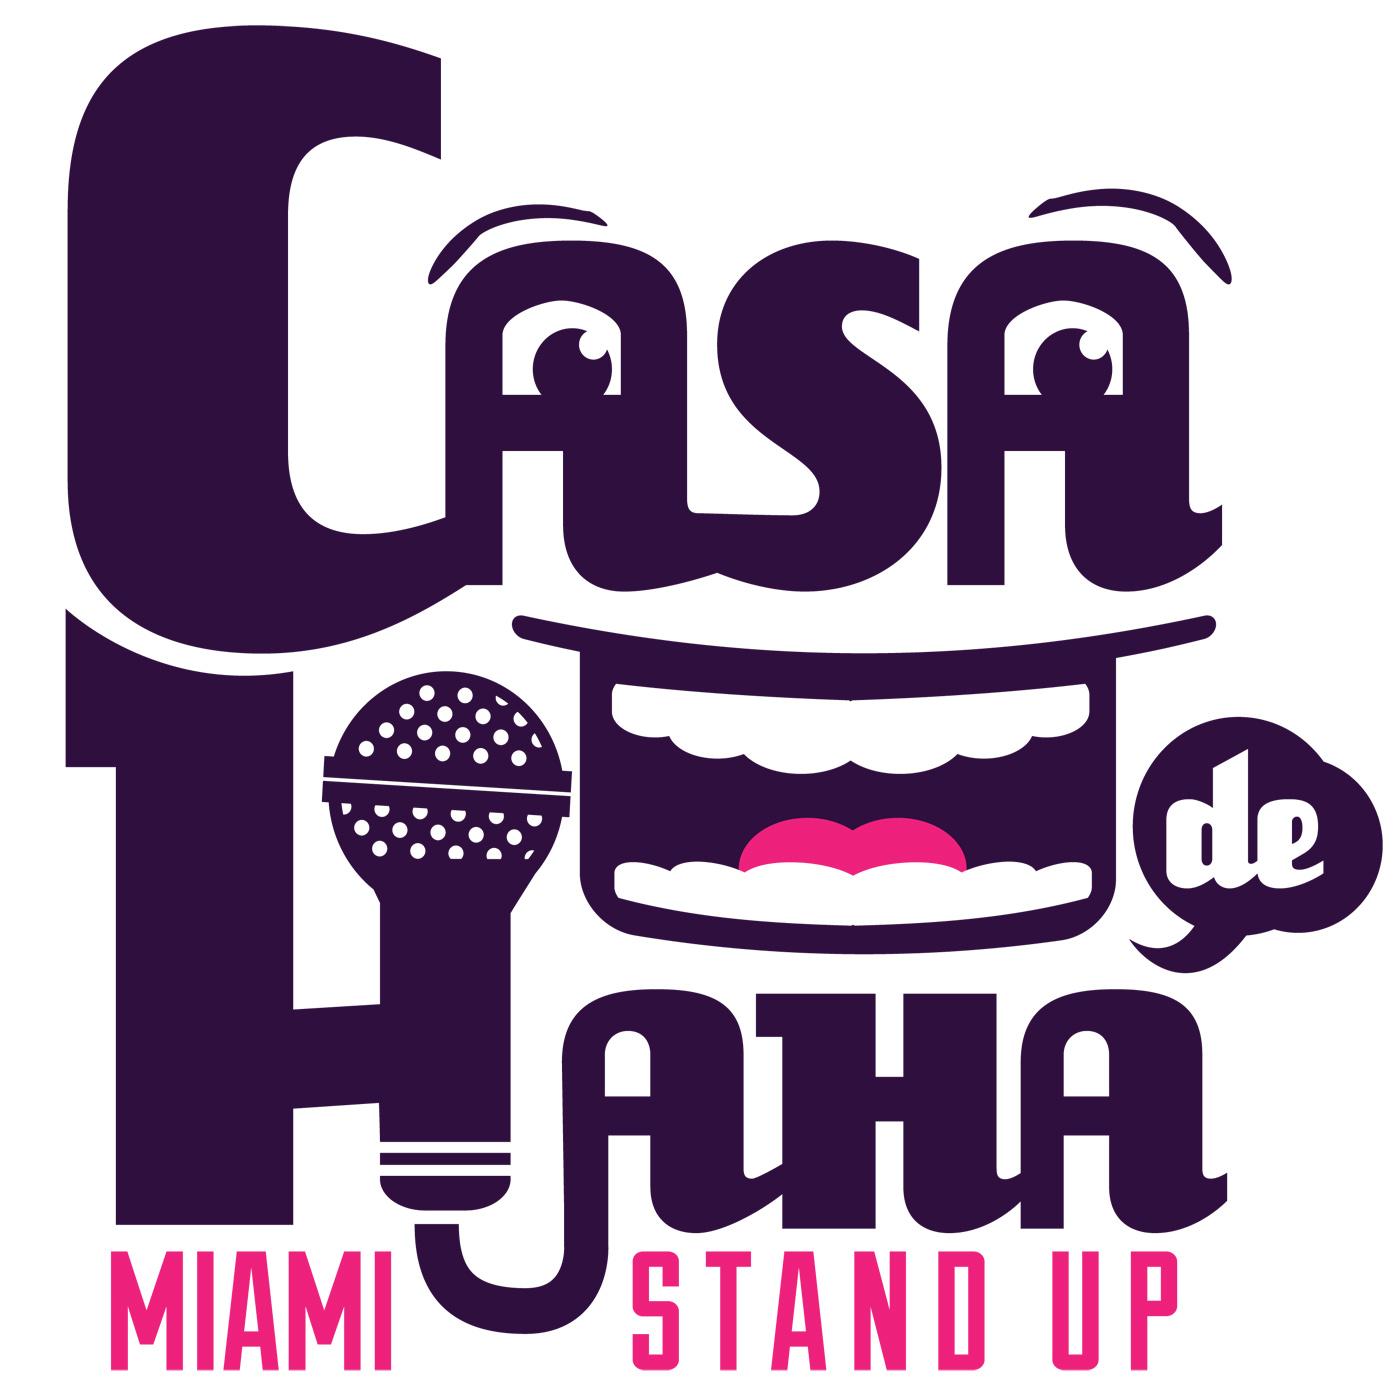 Casa de Haha Podcast